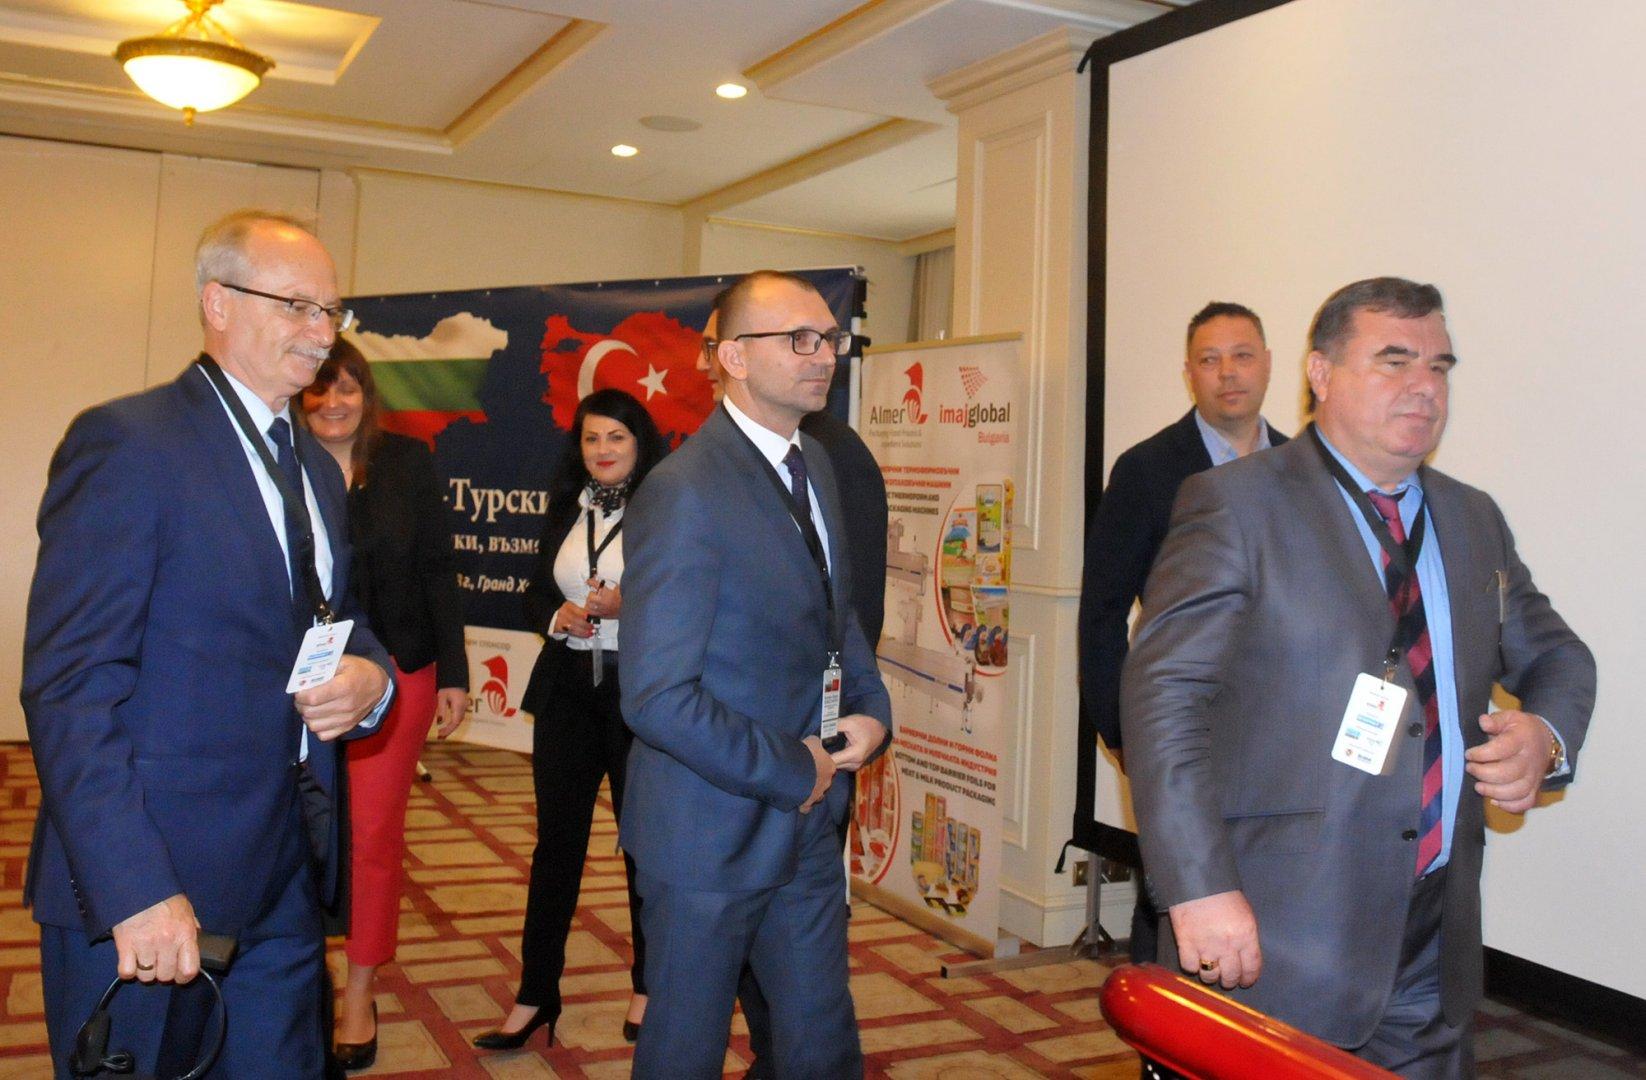 Българо-турски бизнес форум се проведе днес в грандхотел и СПА Приморец. На него присъства и генералният консул на република Турция в Бургас Нурай Иньонтепе.Снимка Лина Главинова